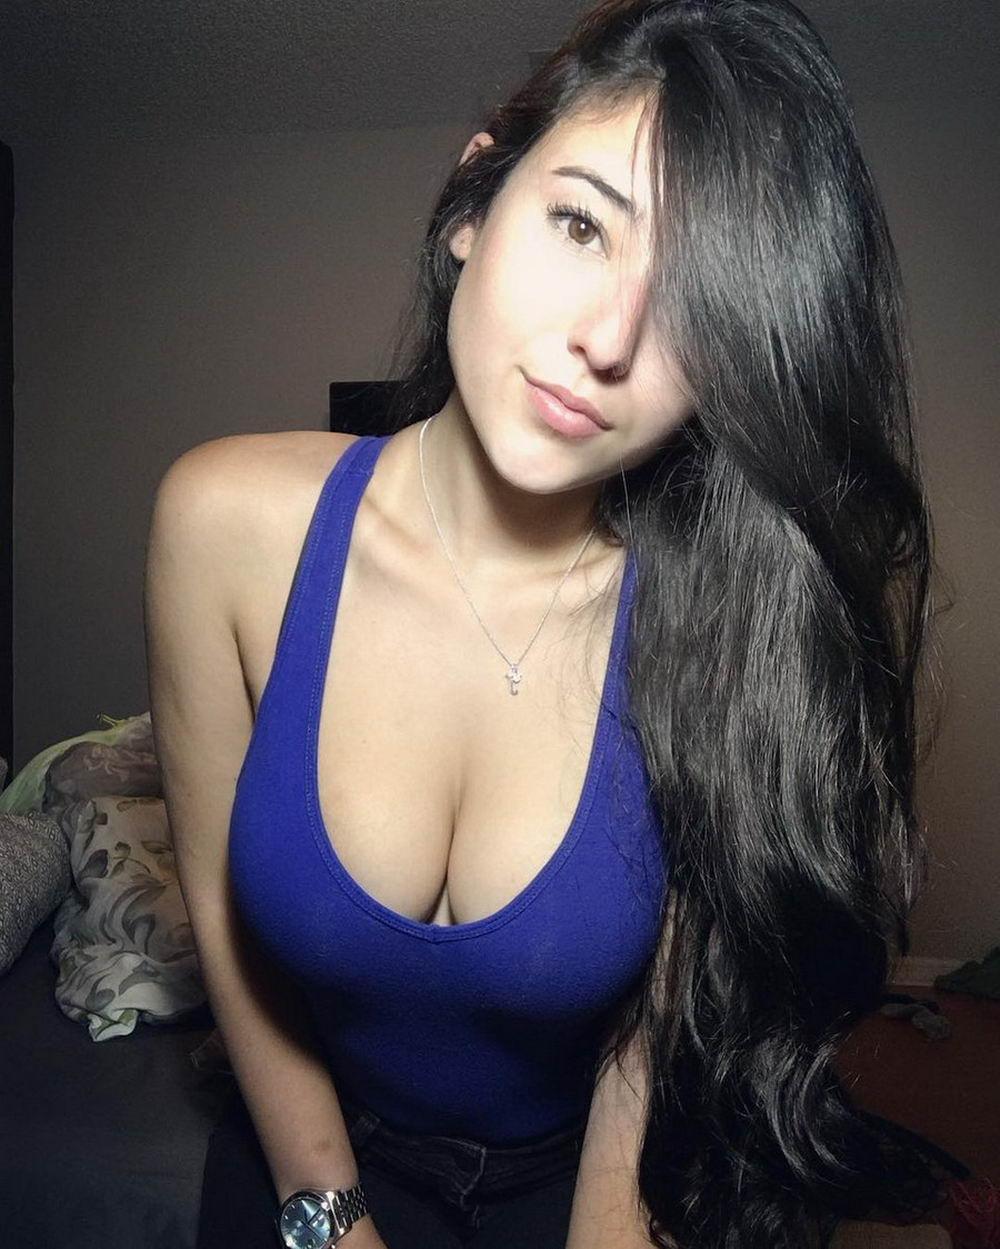 только грудь моей девушки фото чего стоят фото